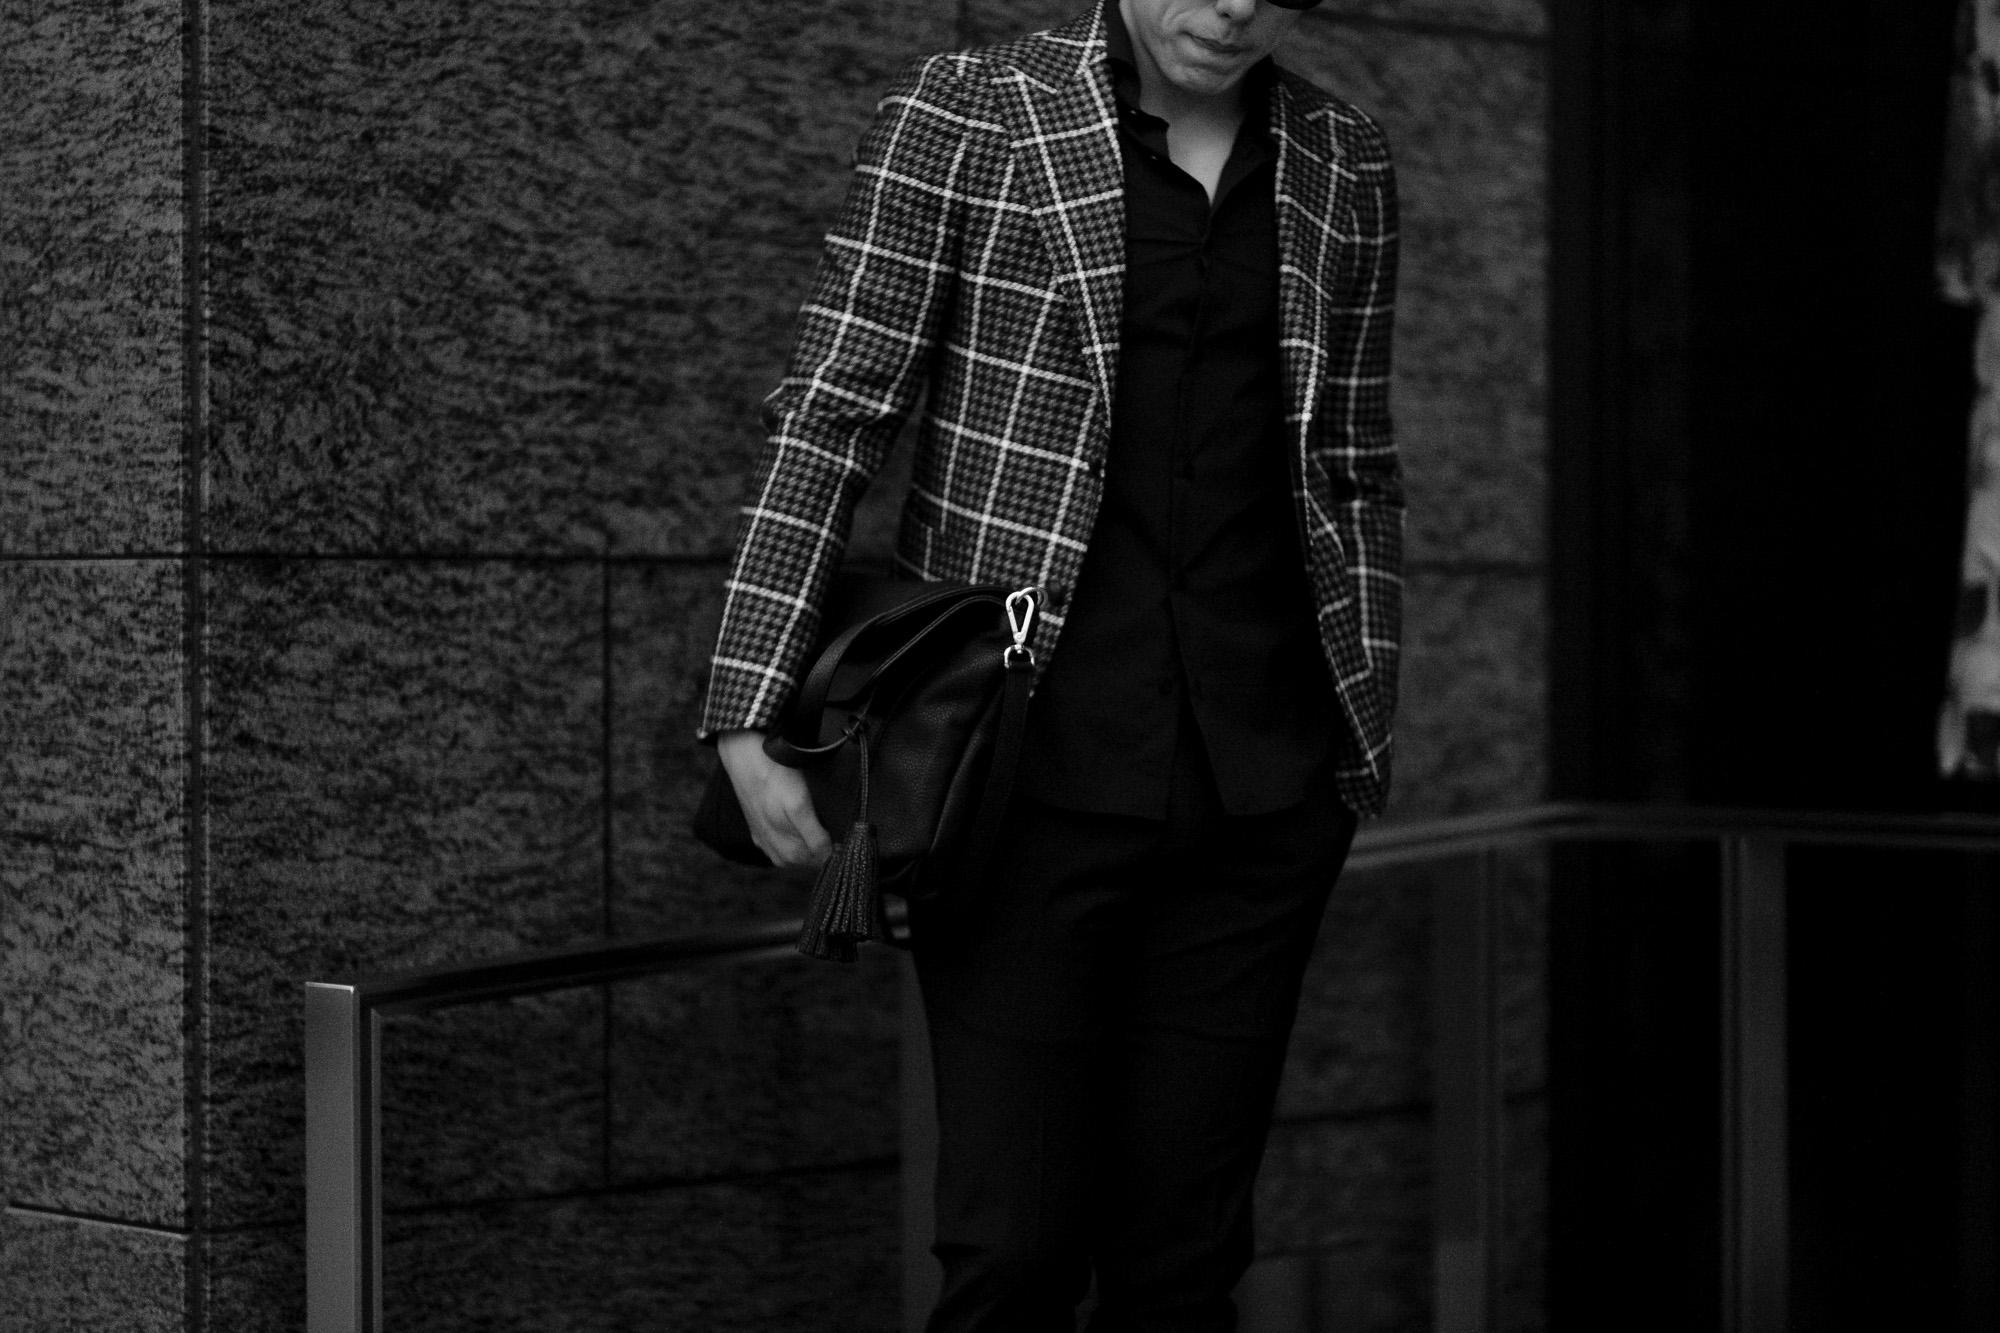 """ACATE """"GREGALE"""" 2021【Special Model】【Alto e Diritto別注】グレゲール アカーテ レザーバック 愛知 名古屋 Alto e Diritto altoediritto アルトエデリット スペシャルモデル 別注バック 新作バック"""